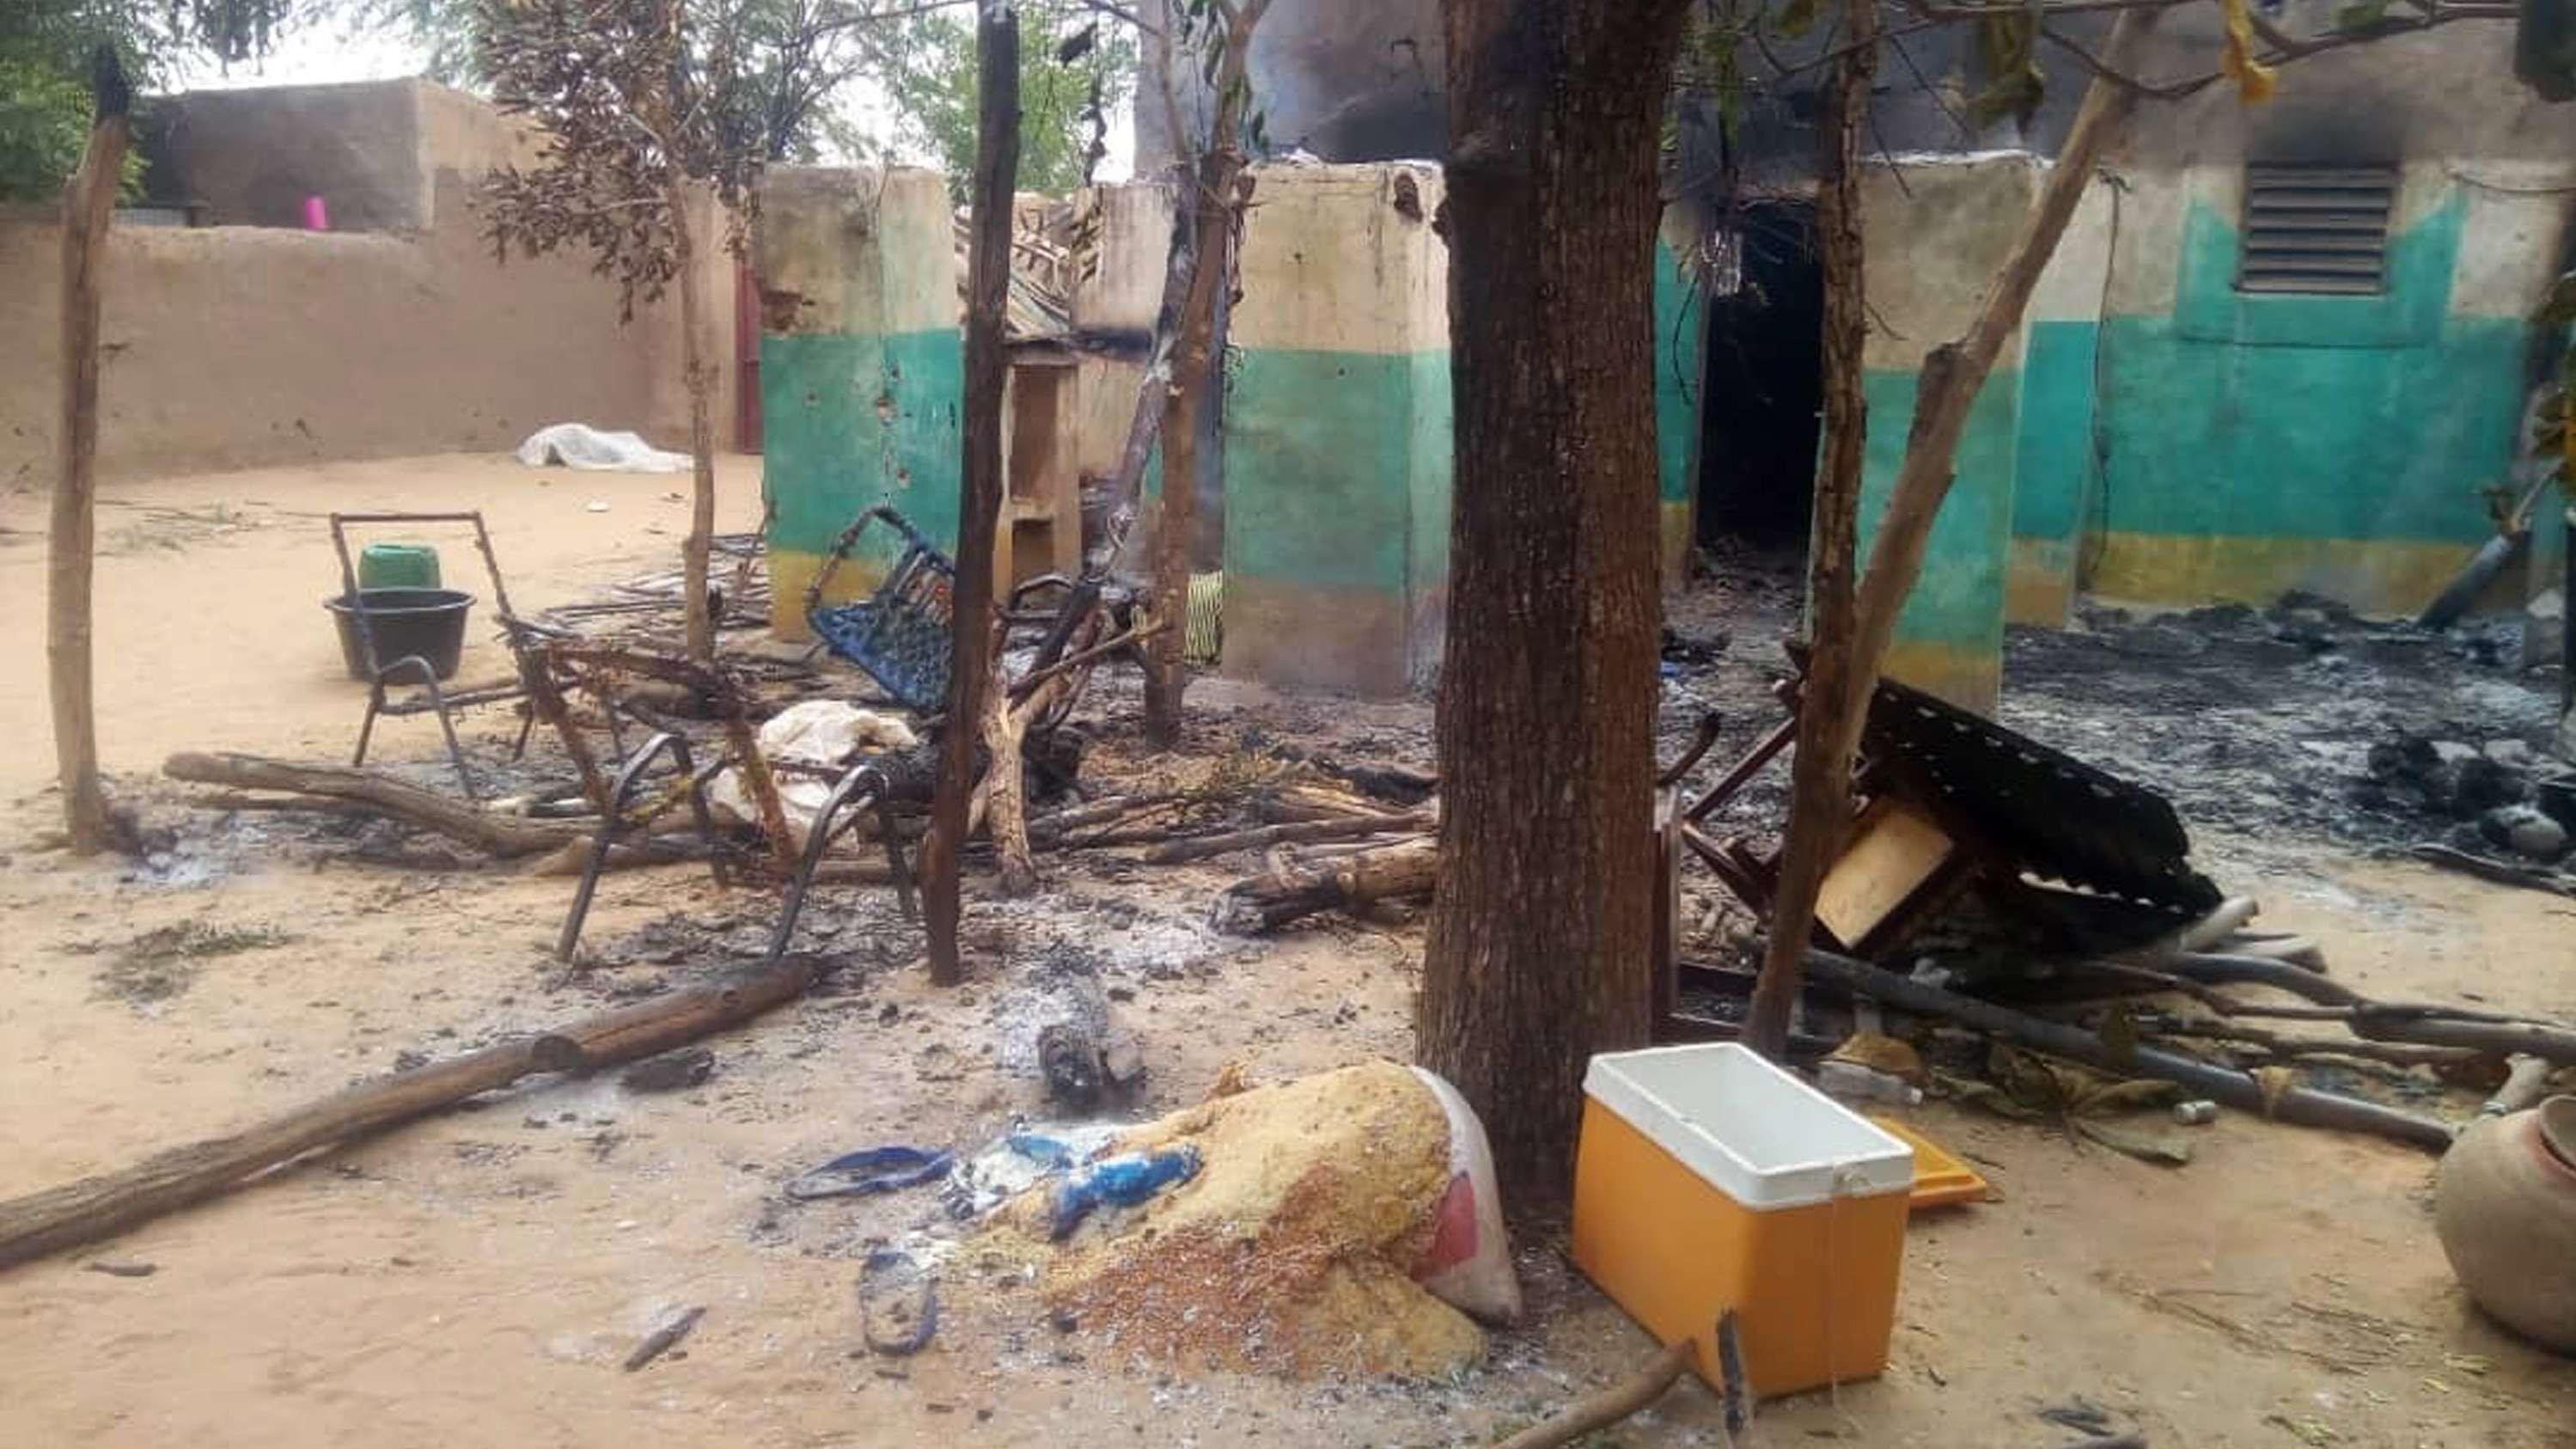 Verbrannte Trümmer liegen nach dem Angriff auf das Dorf in Mali auf dem Boden herum